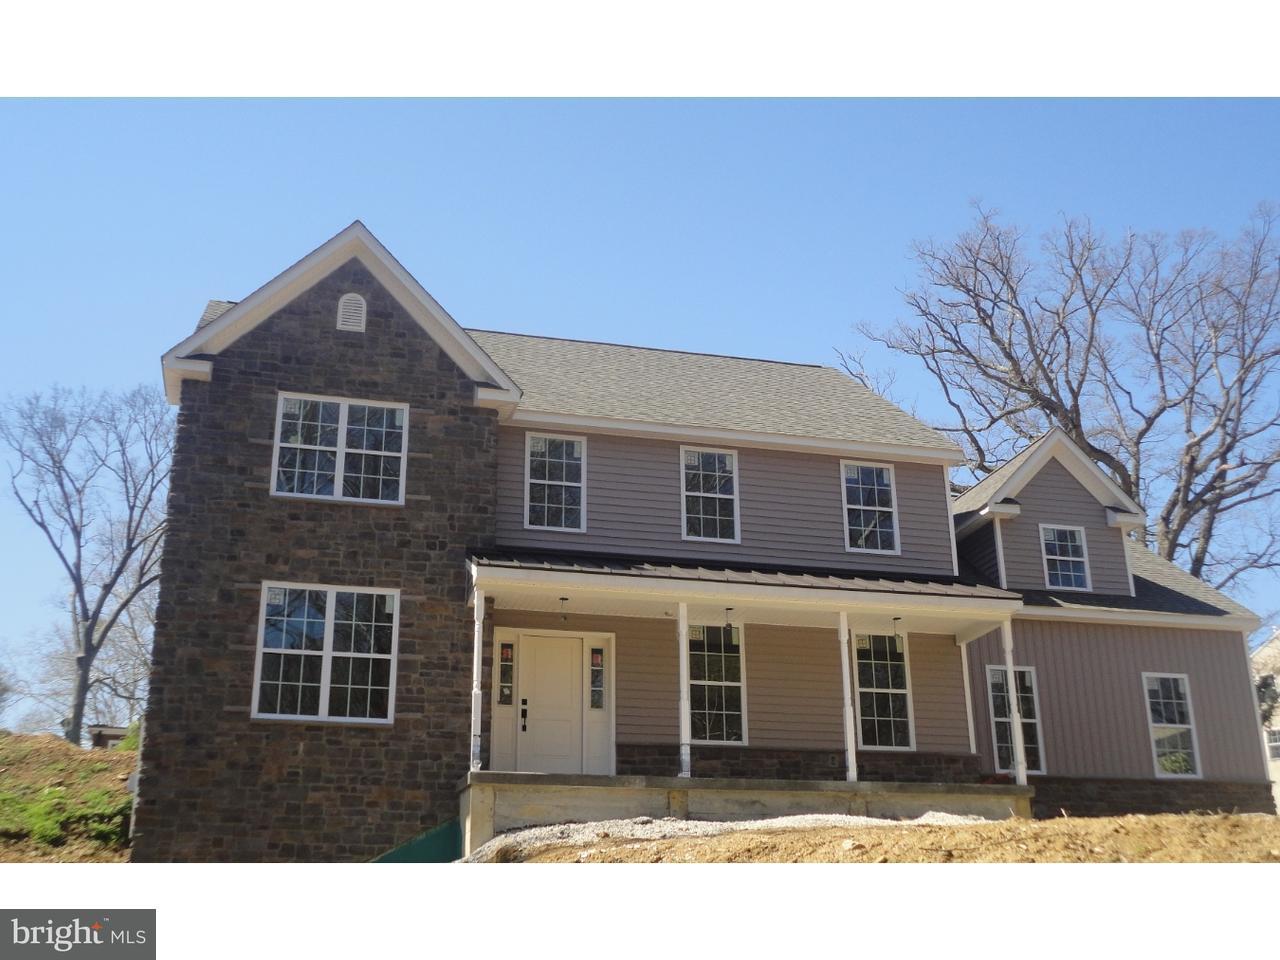 Частный односемейный дом для того Продажа на Lot 4 BULLENS Lane Wallingford, Пенсильвания 19086 Соединенные Штаты